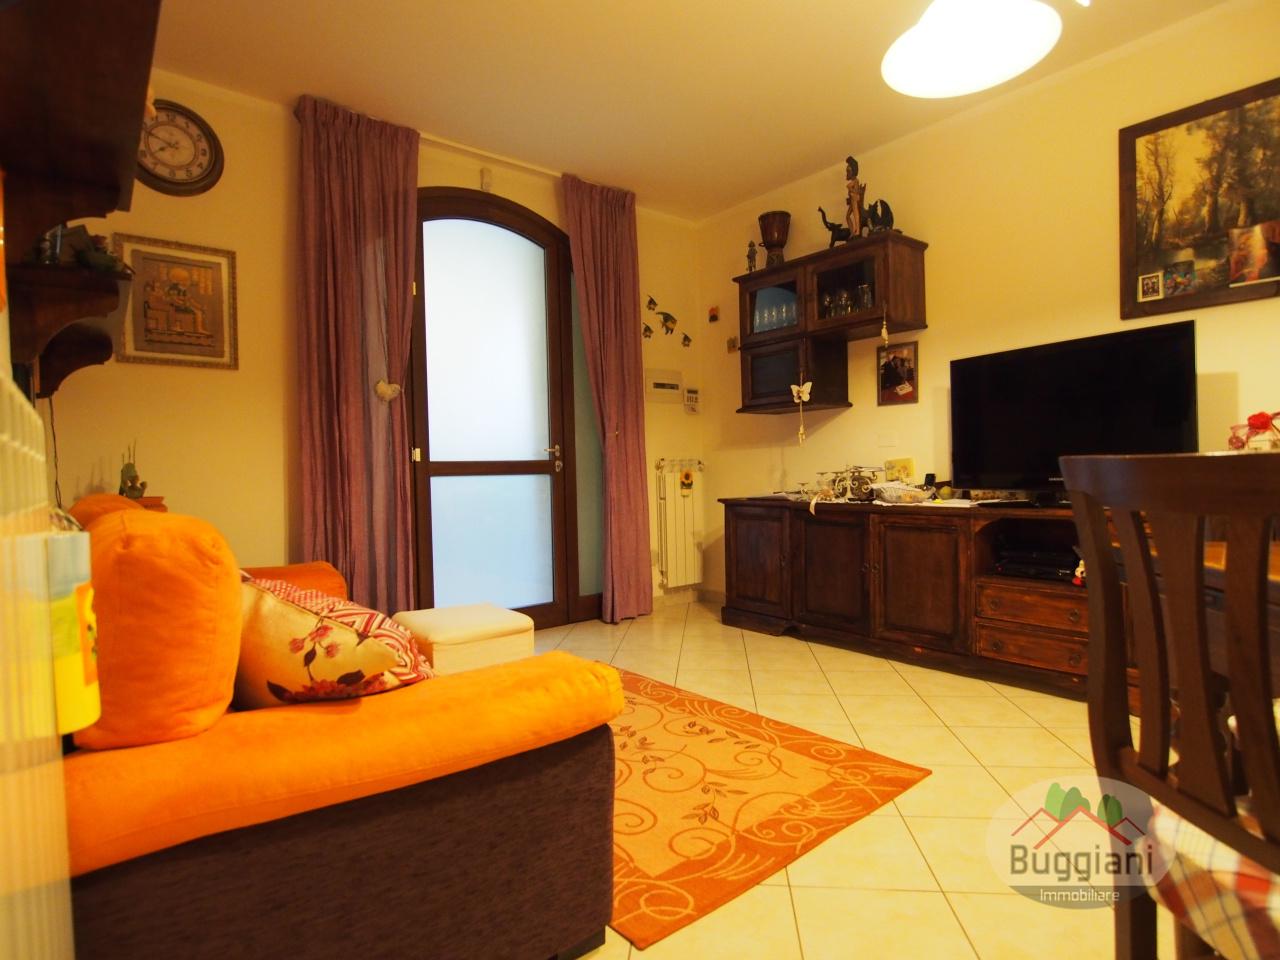 Appartamento in vendita RIF. 1749, Santa Croce sull'Arno (PI)